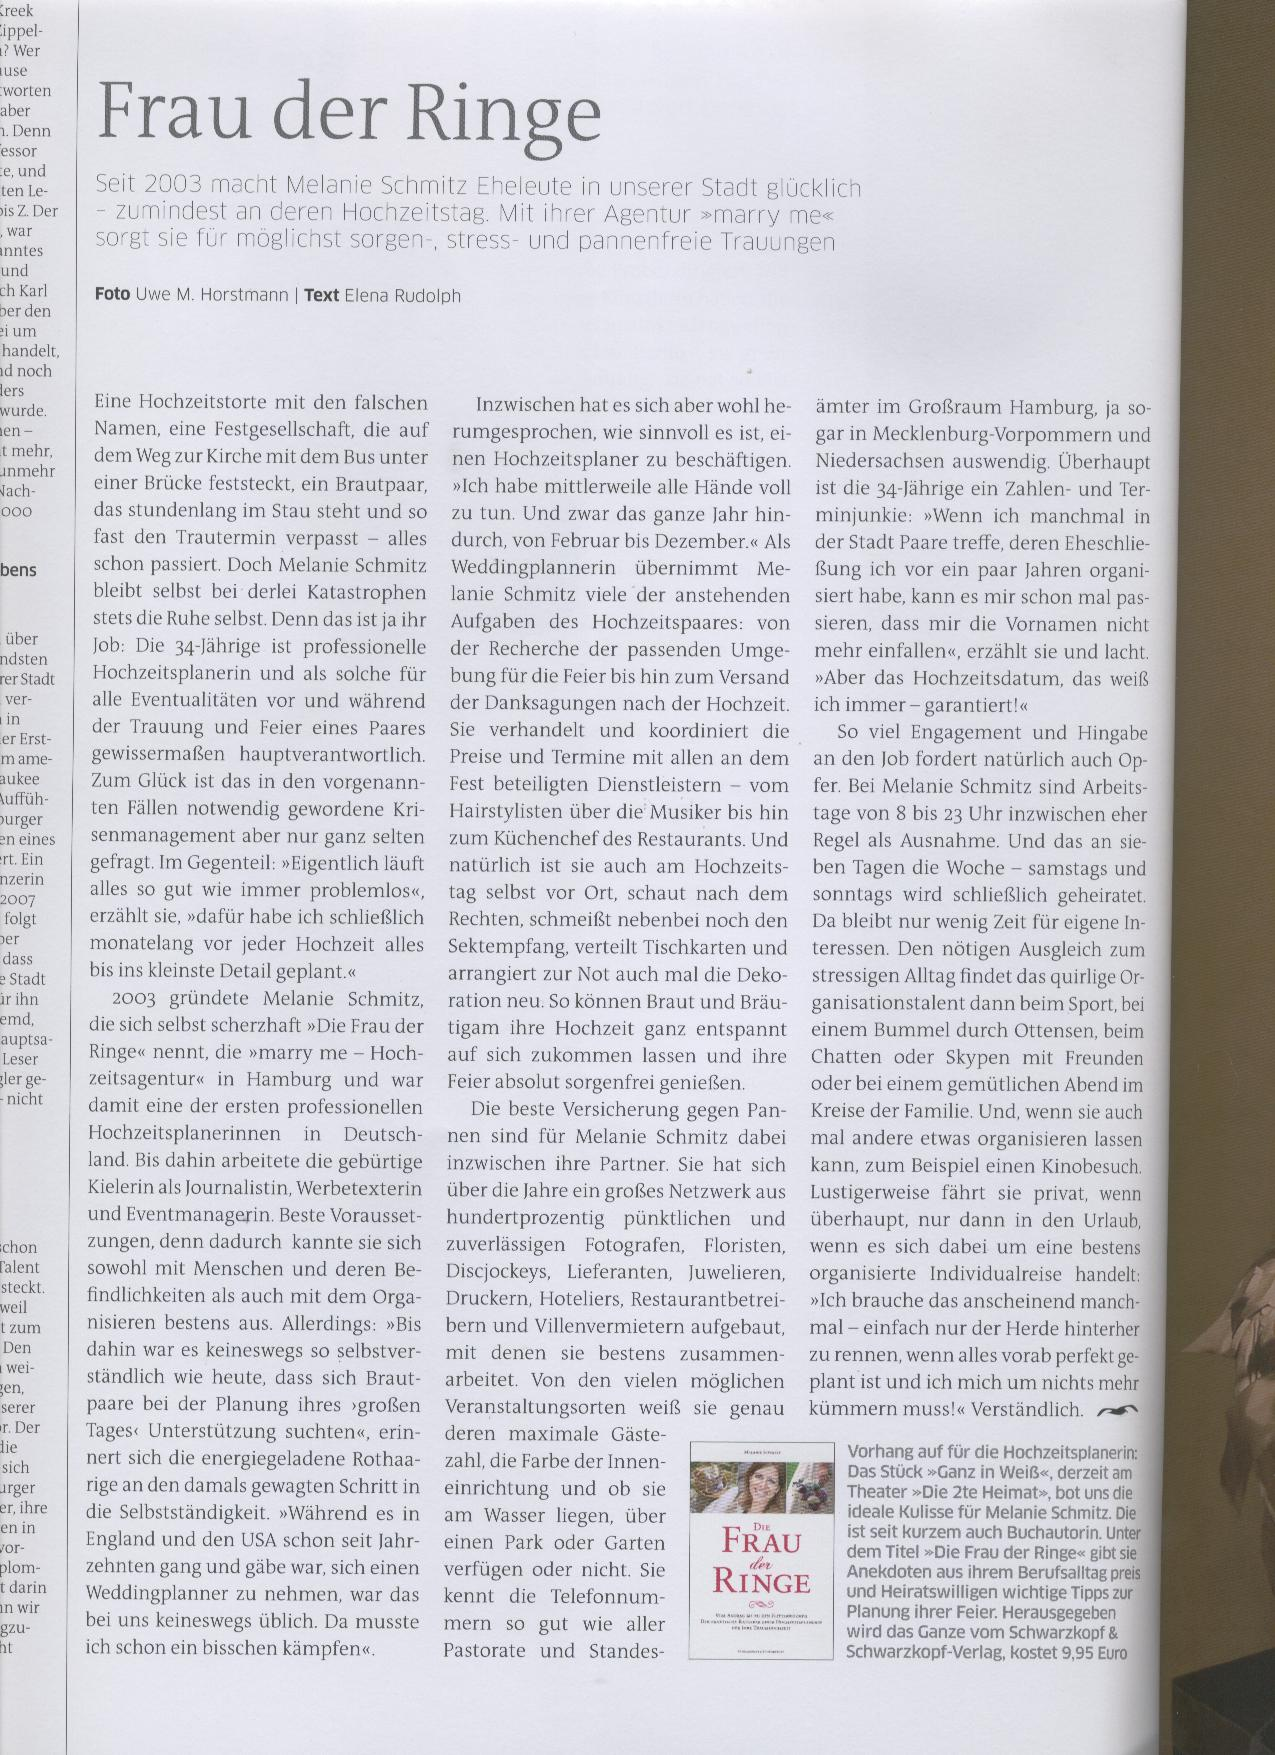 Heiraten bekanntschaften in hamburger abendblatt